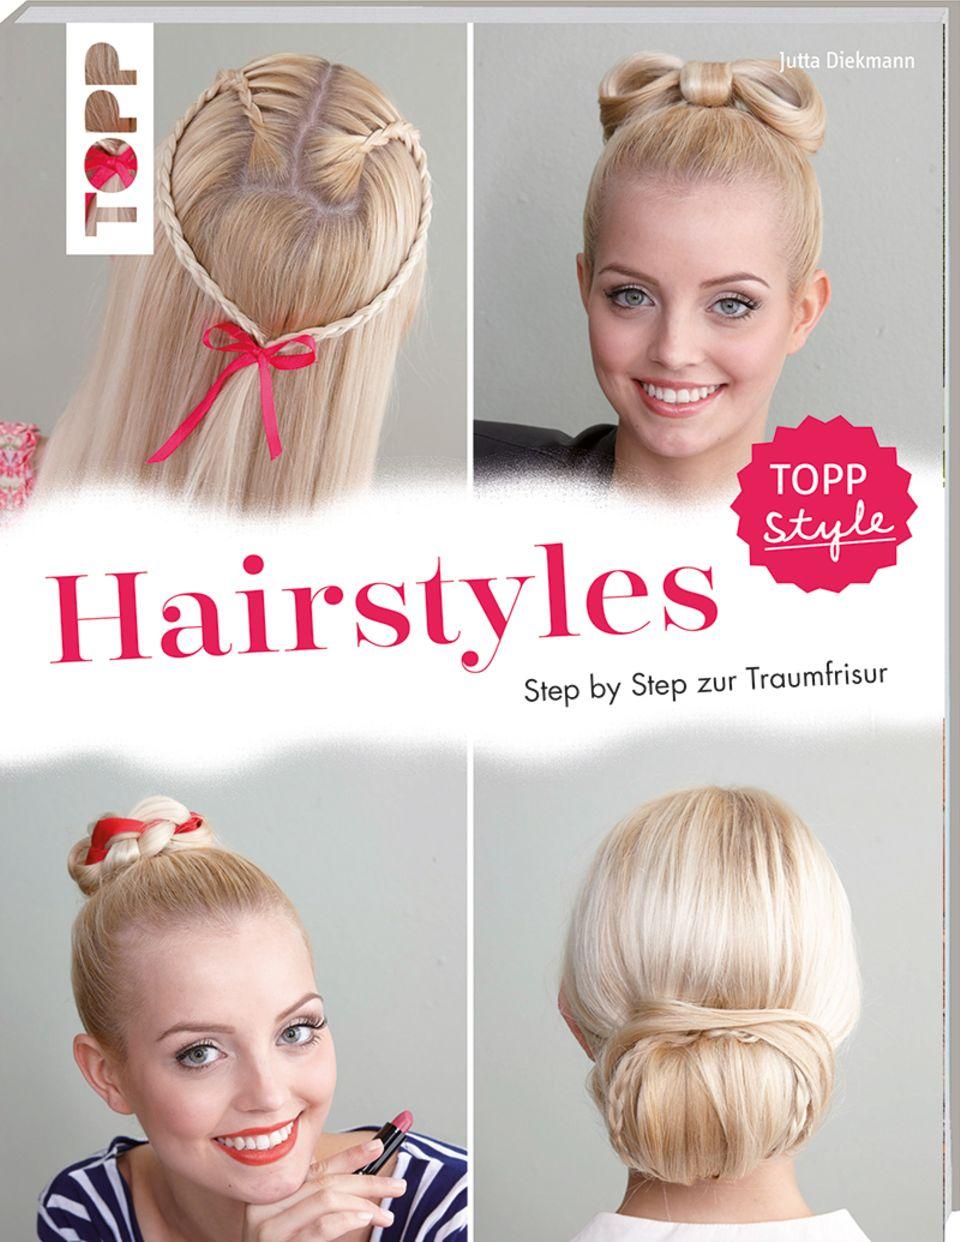 Hairstyles - Step by Step zur Traumfrisur